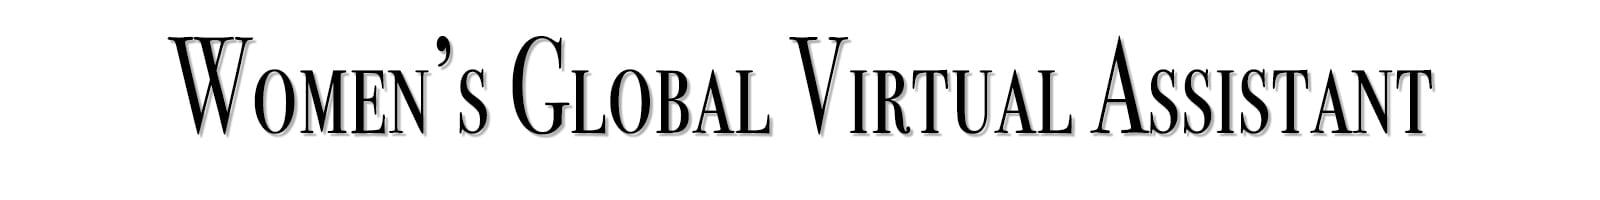 Women's Global VA